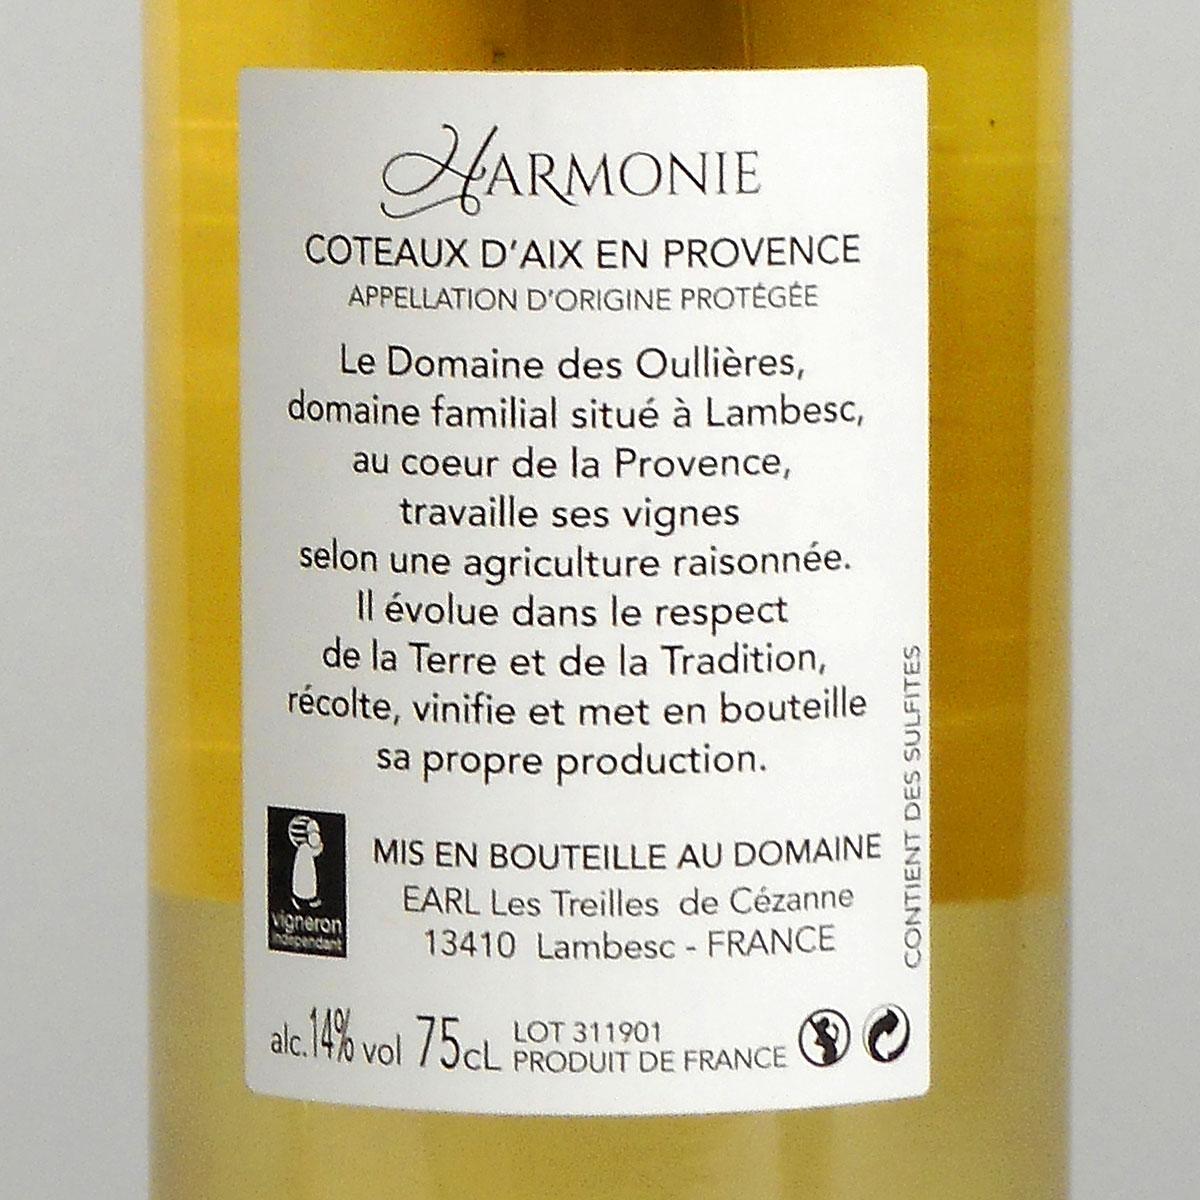 Coteaux d'Aix-en-Provence: Domaine des Oullières Blanc 2019 - Wine Bottle Rear Label